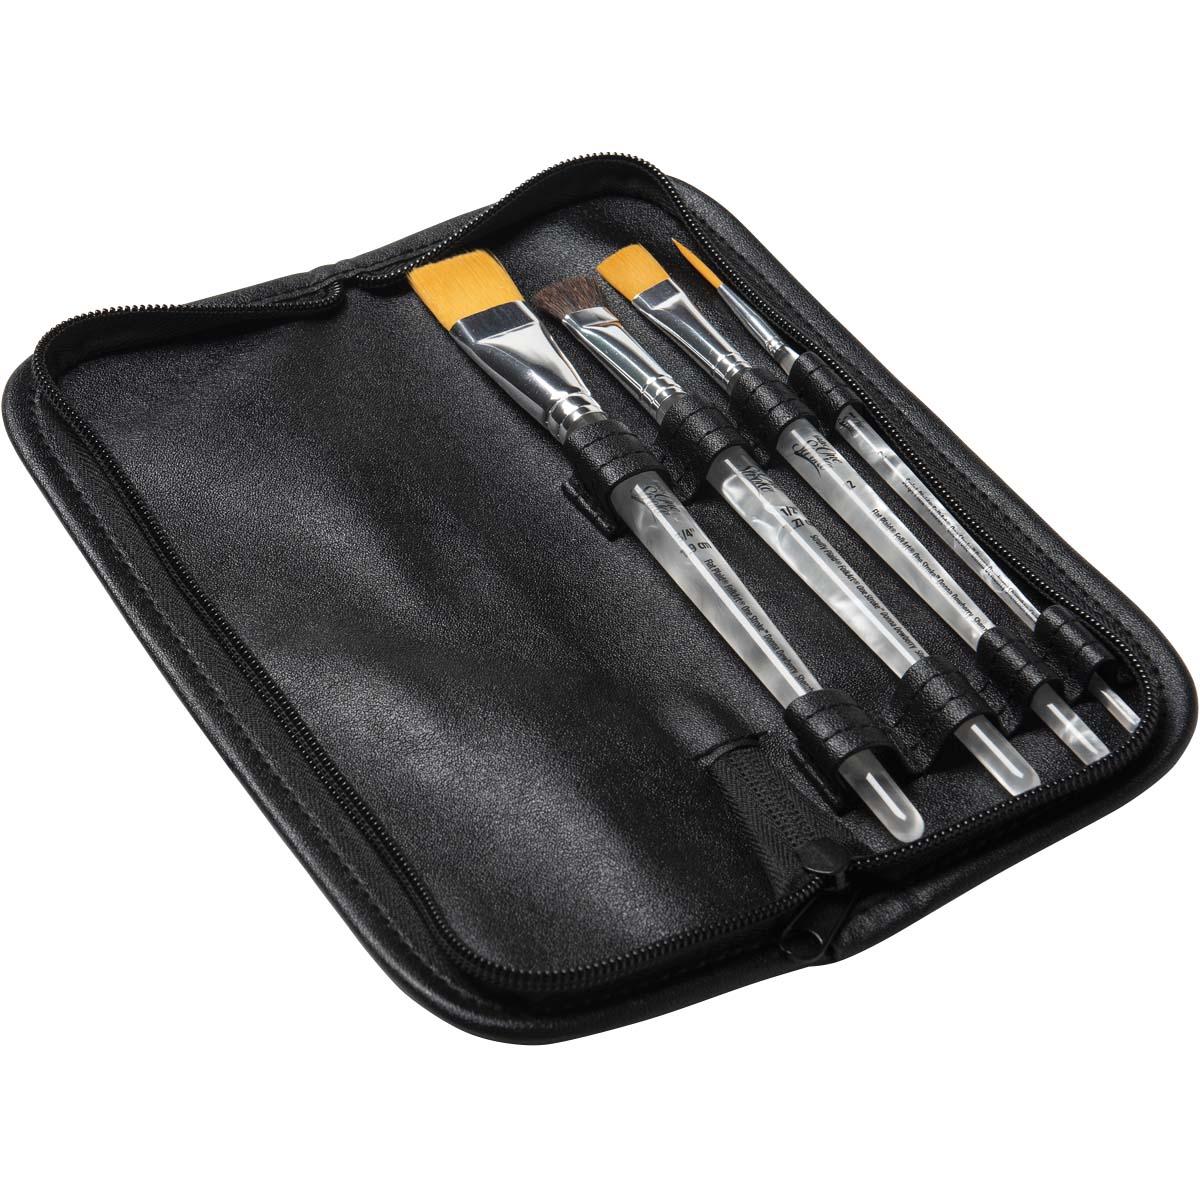 FolkArt ® One Stroke™ Brushes - Brush Sets - Gift Set - 90195